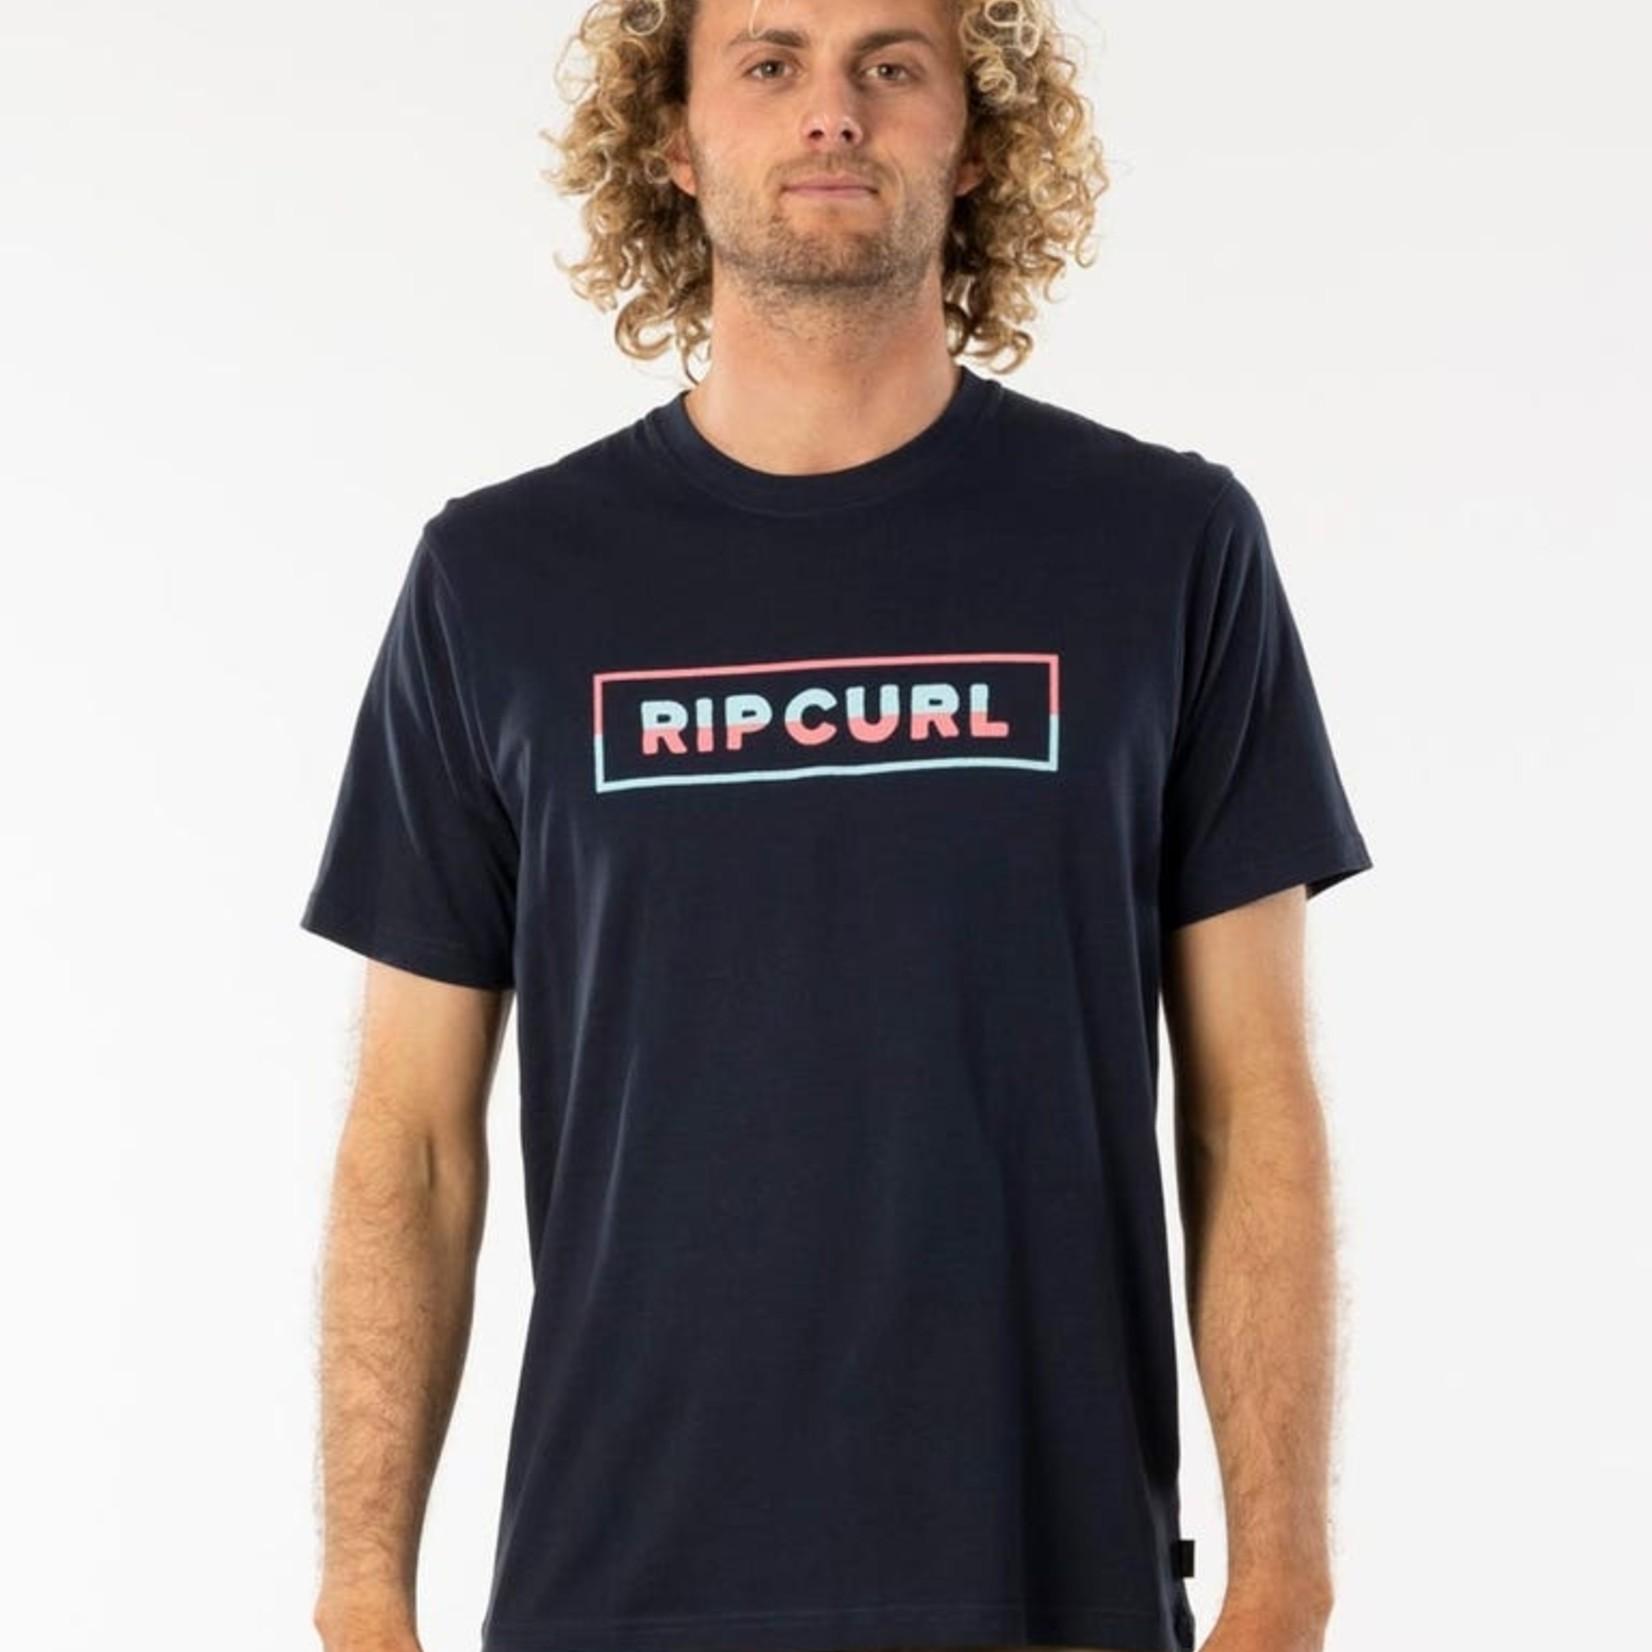 RipCurl Rip Curl Split Tee